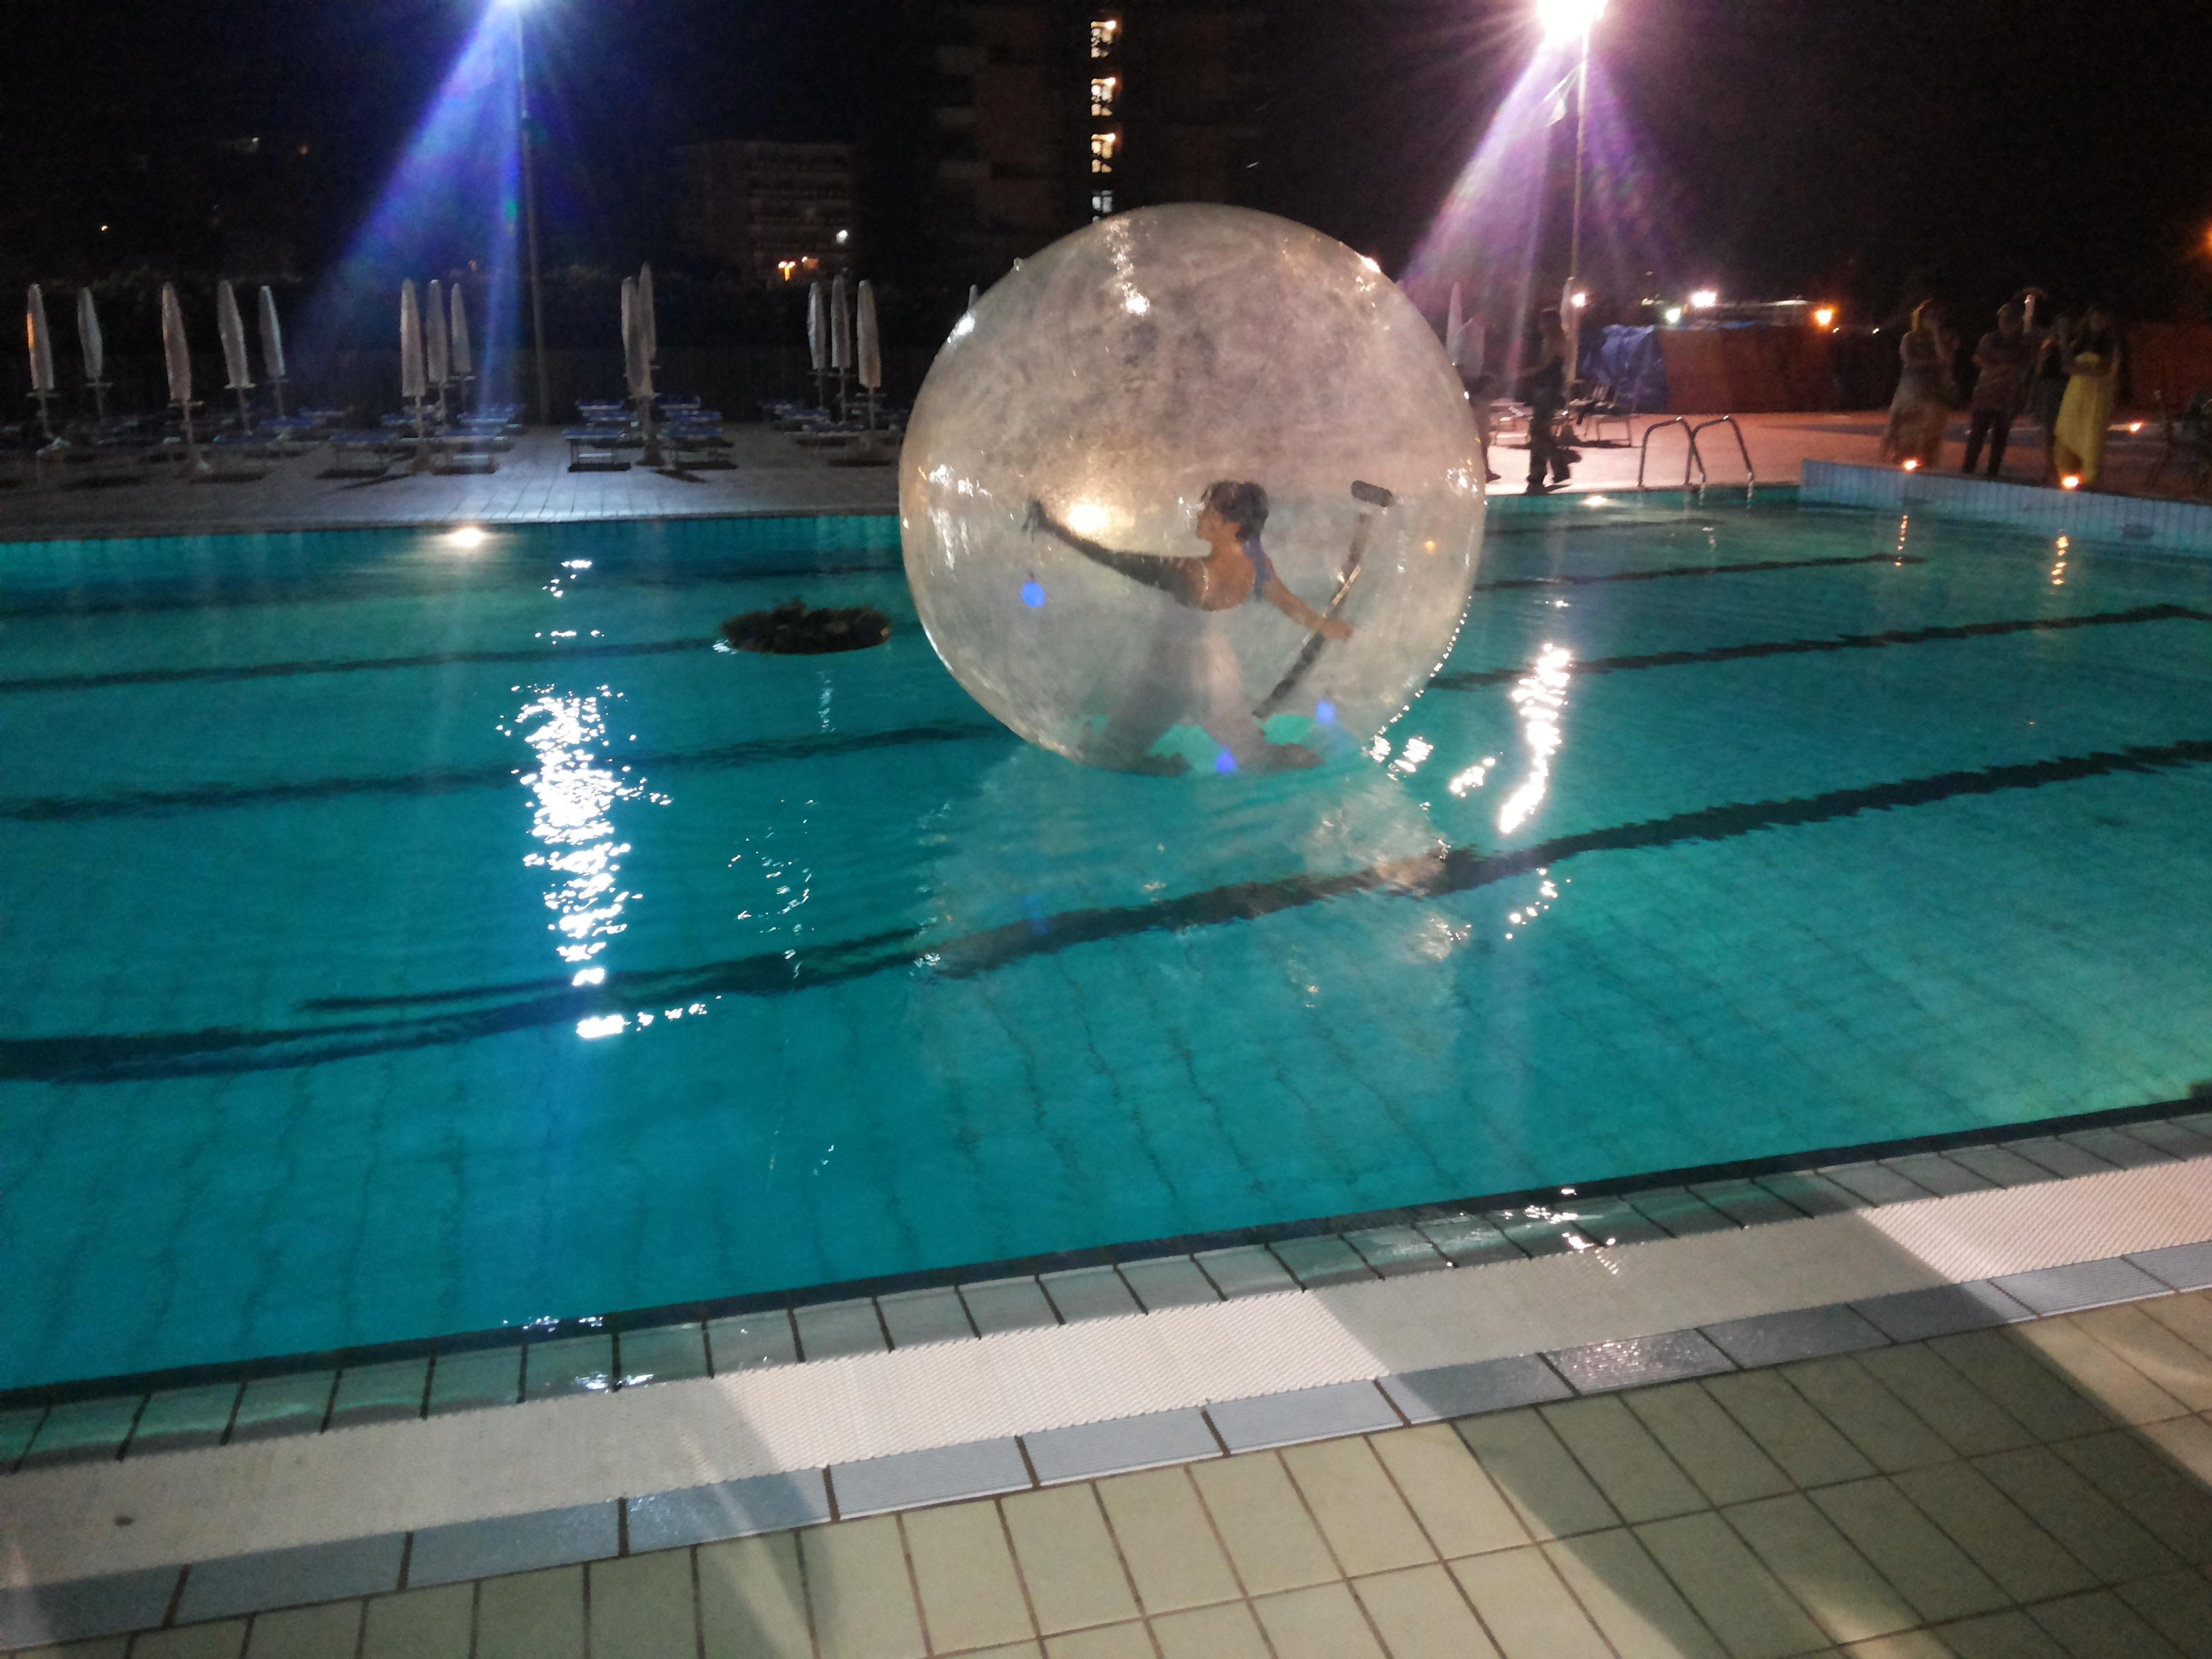 Una palla in piscina